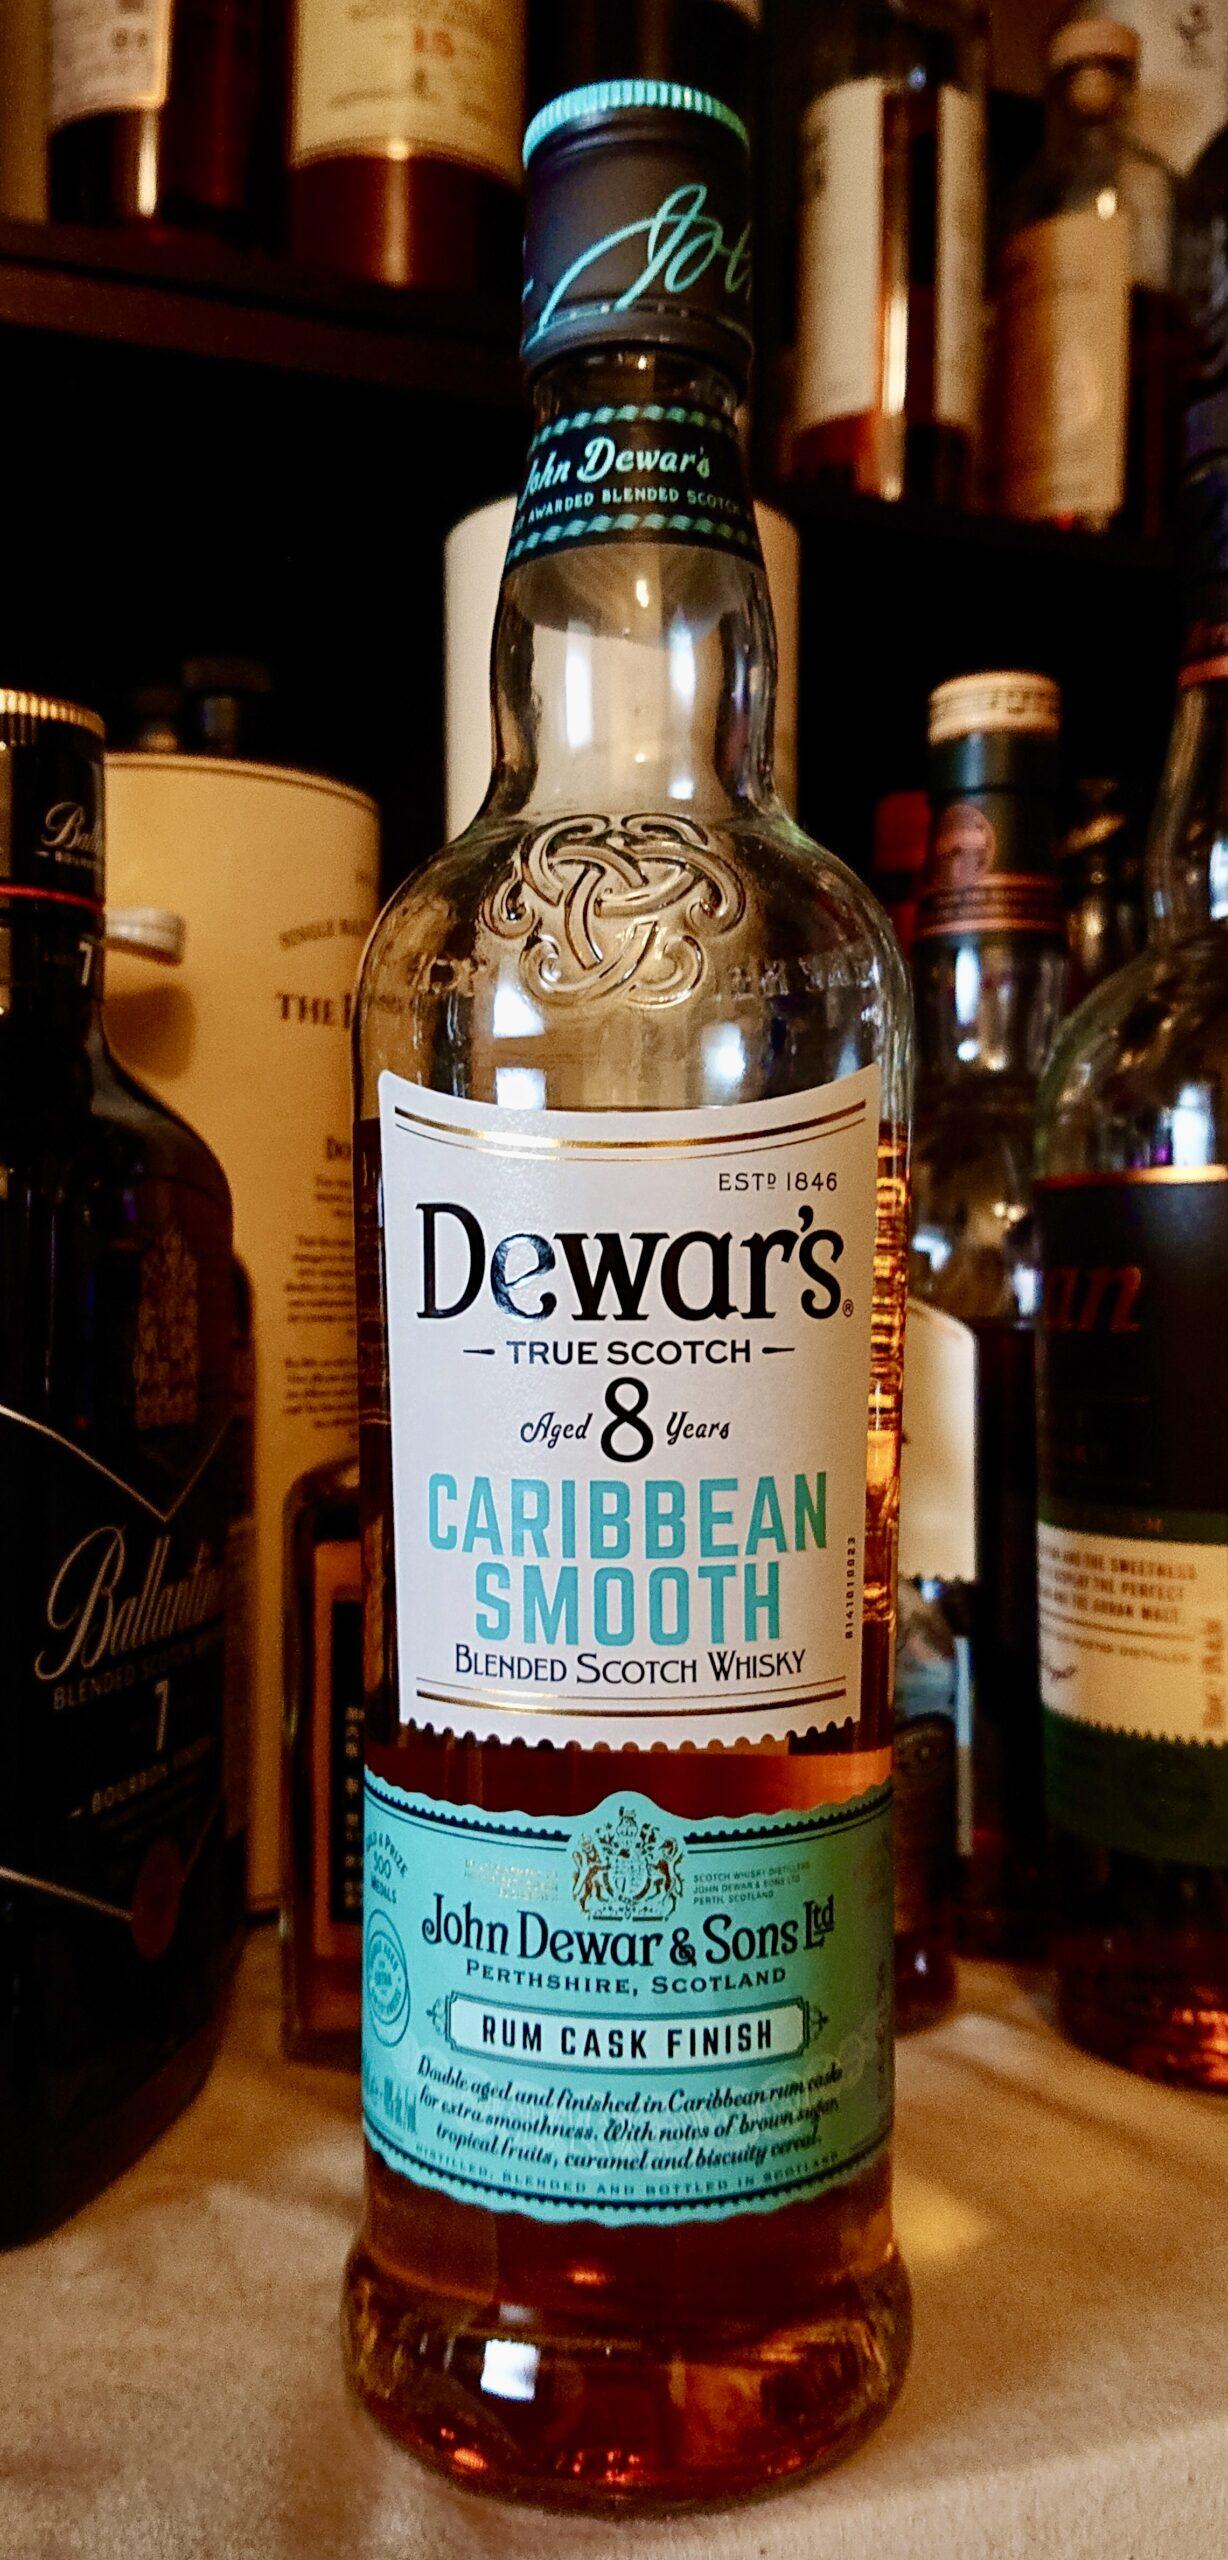 デュワーズ8年カリビアンスムースのテイスティング&レヴュー・デュワーズ✖️カリビアンラム樽!サトウキビの優しい甘味が加わったデュワーズの新定番!